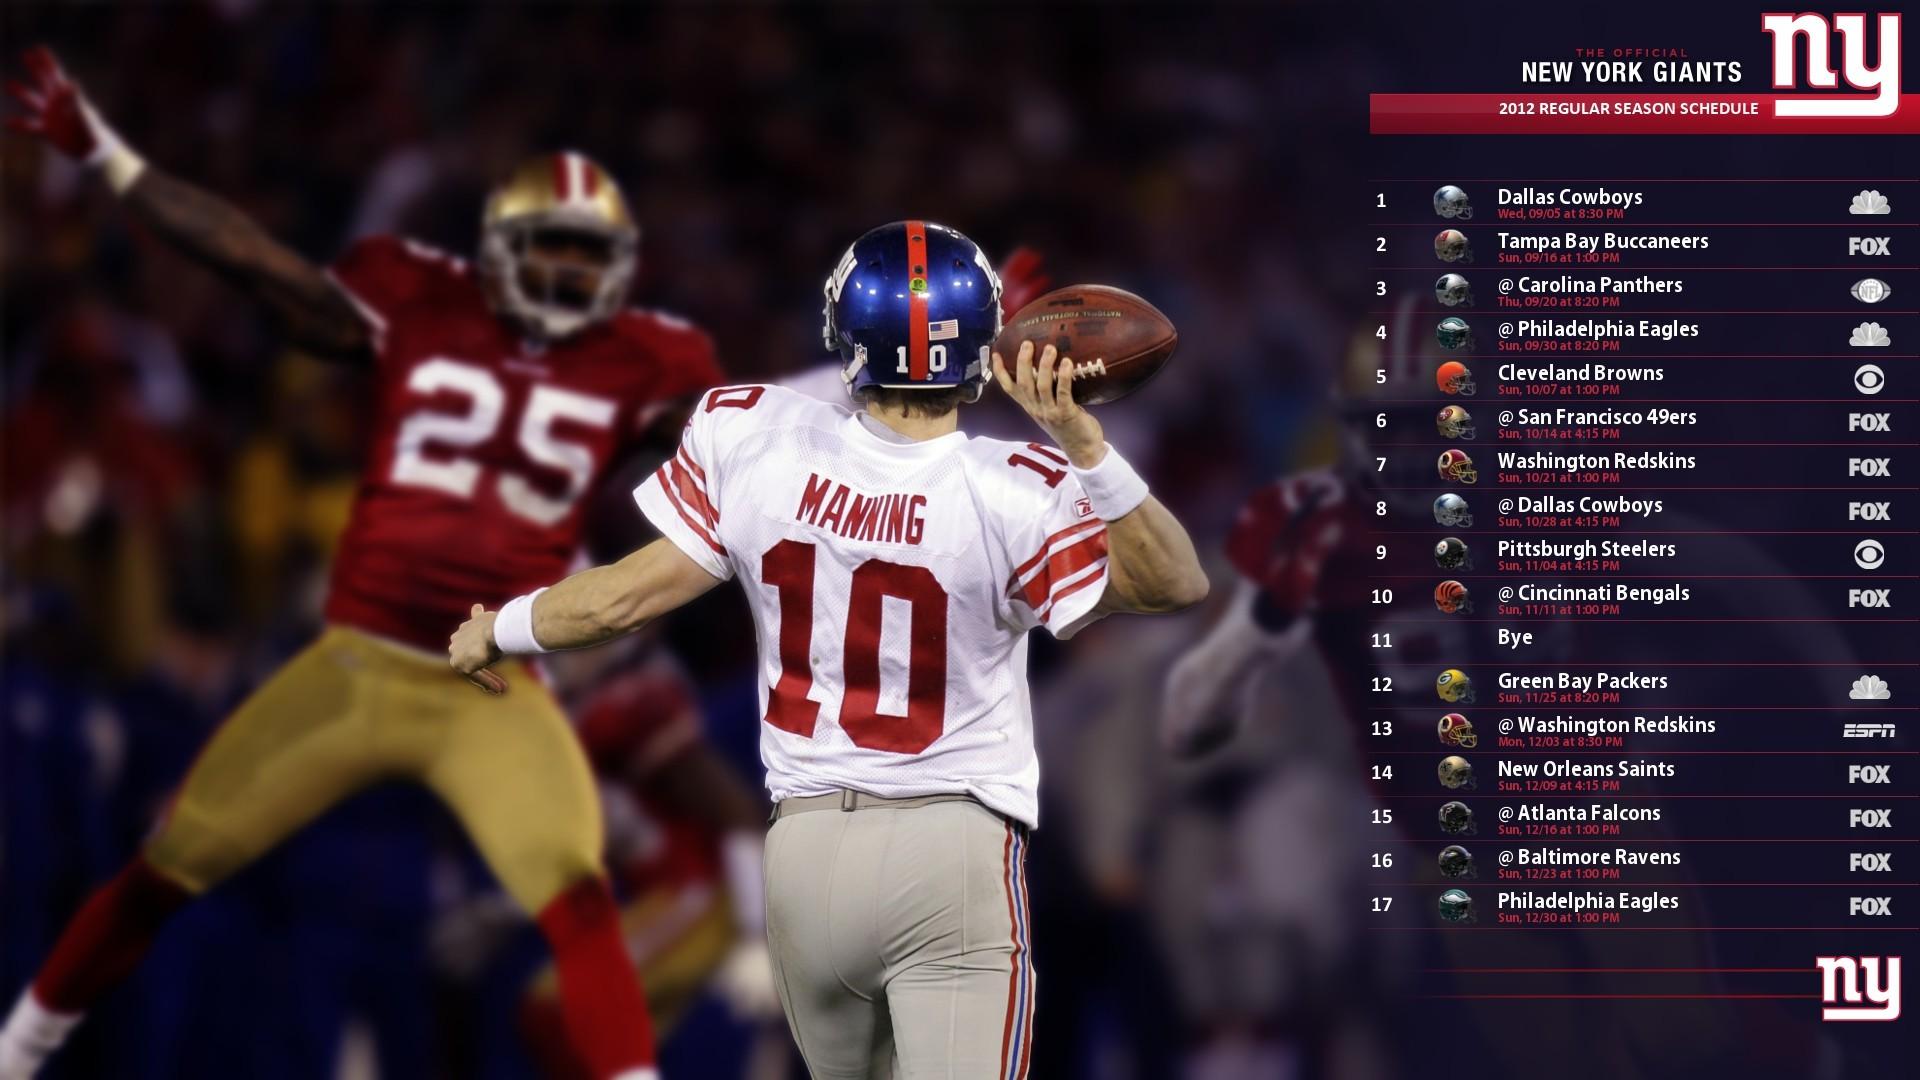 2012 Giants Schedule Wallpaper